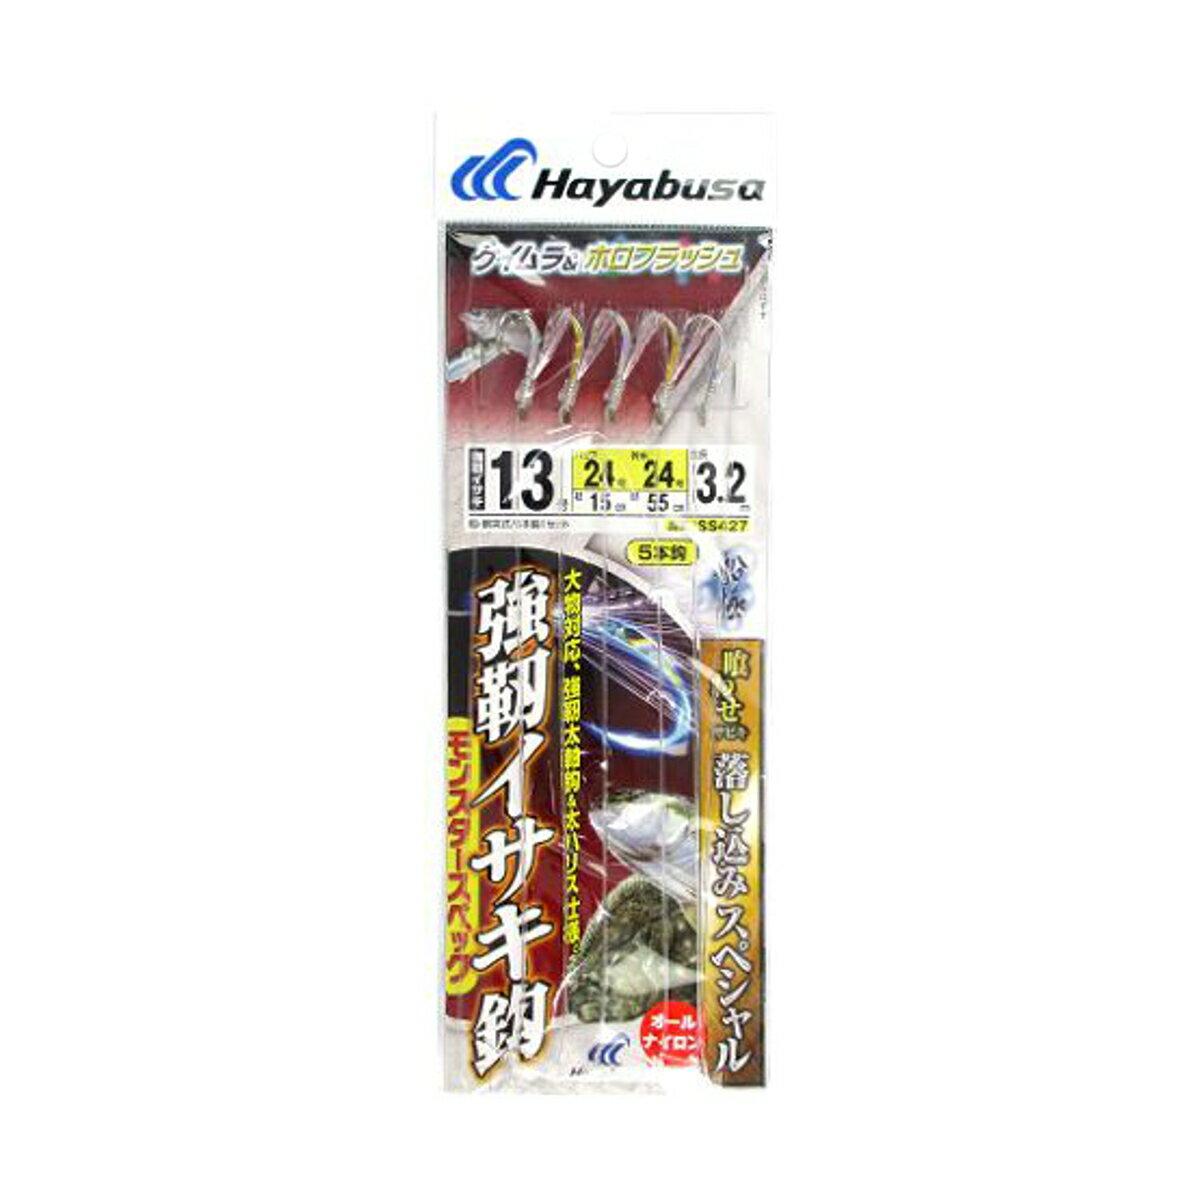 ハヤブサ 船極喰わせサビキ 落し込みスペシャル ケイムラ&ホロフラッシュ SS427 針13号−ハリス24号